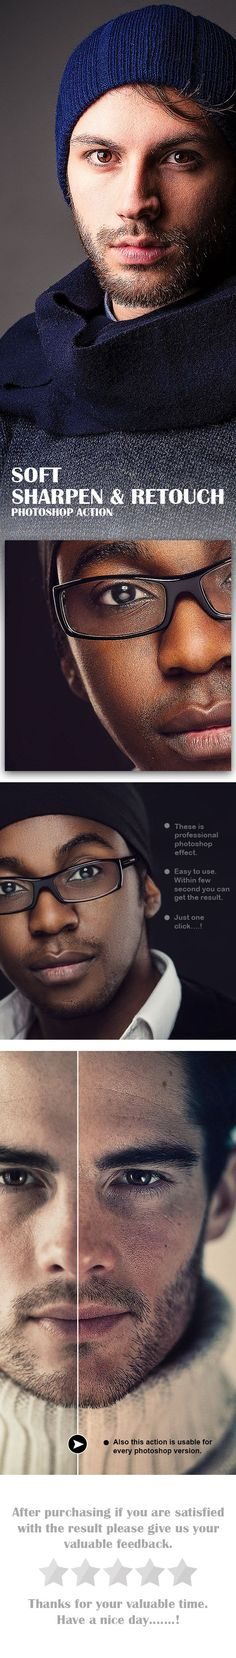 Soft Sharpen & Retouch Photoshop Action